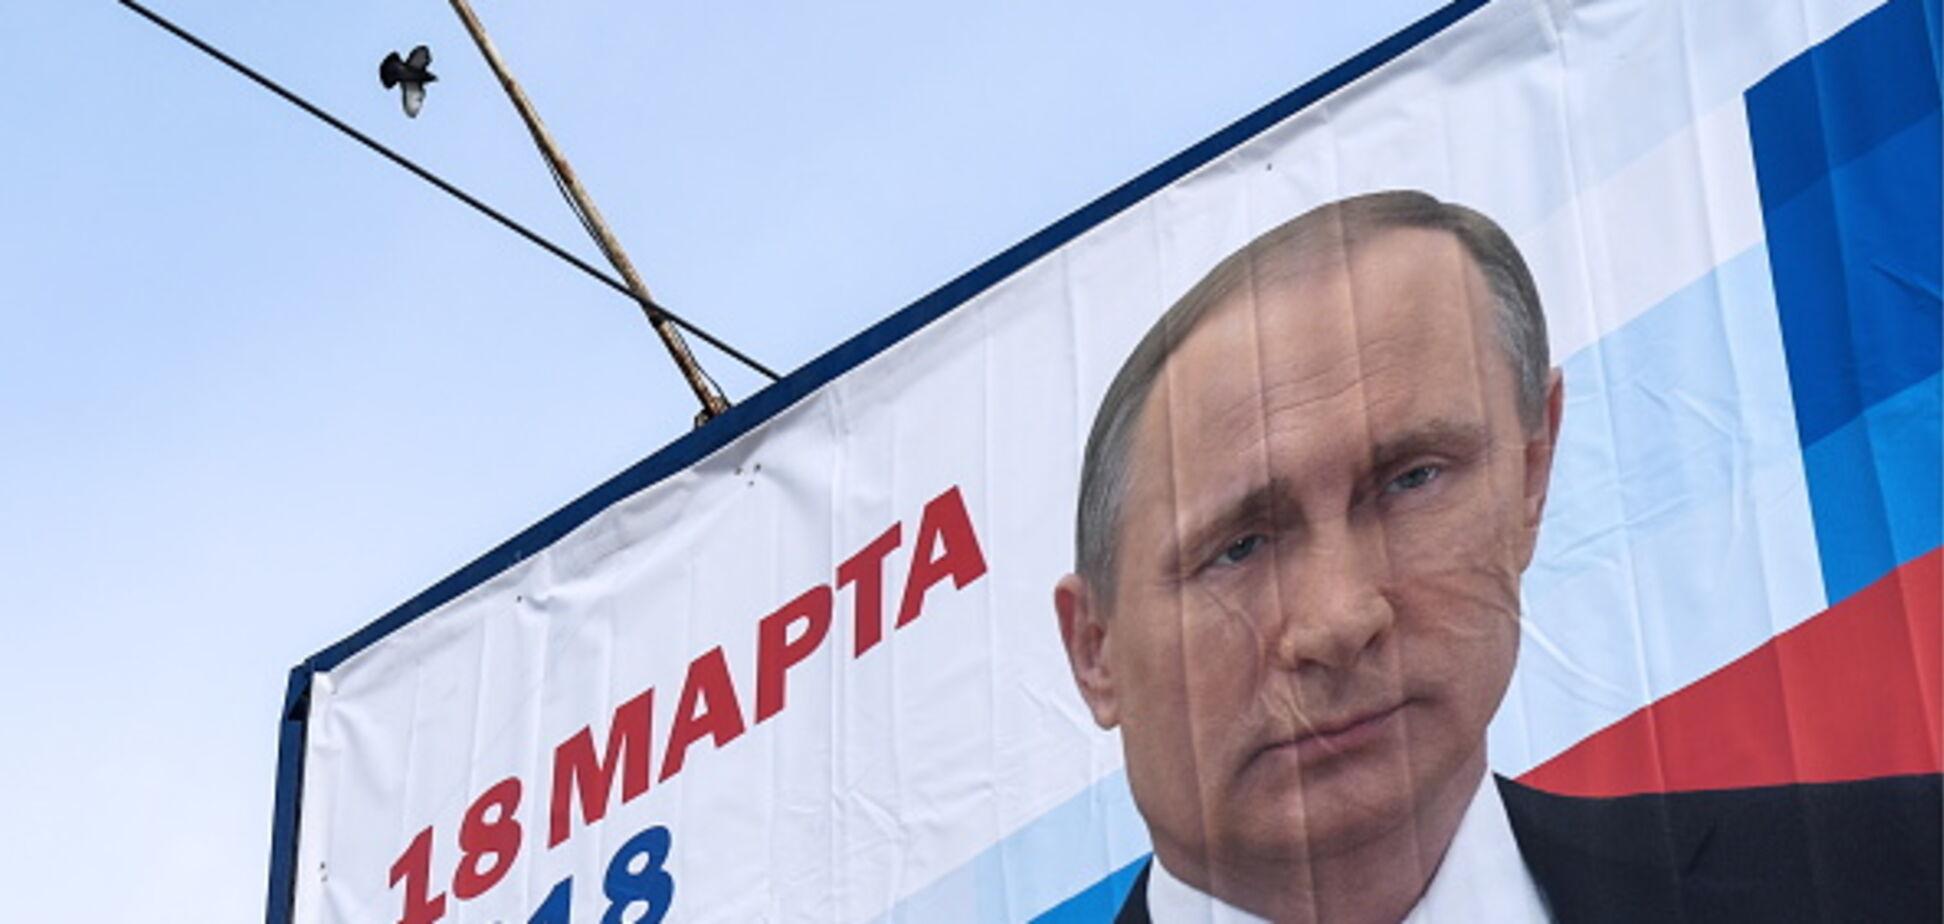 Нагадати про 'референдум': Путін зібрався відвідати Крим перед виборами